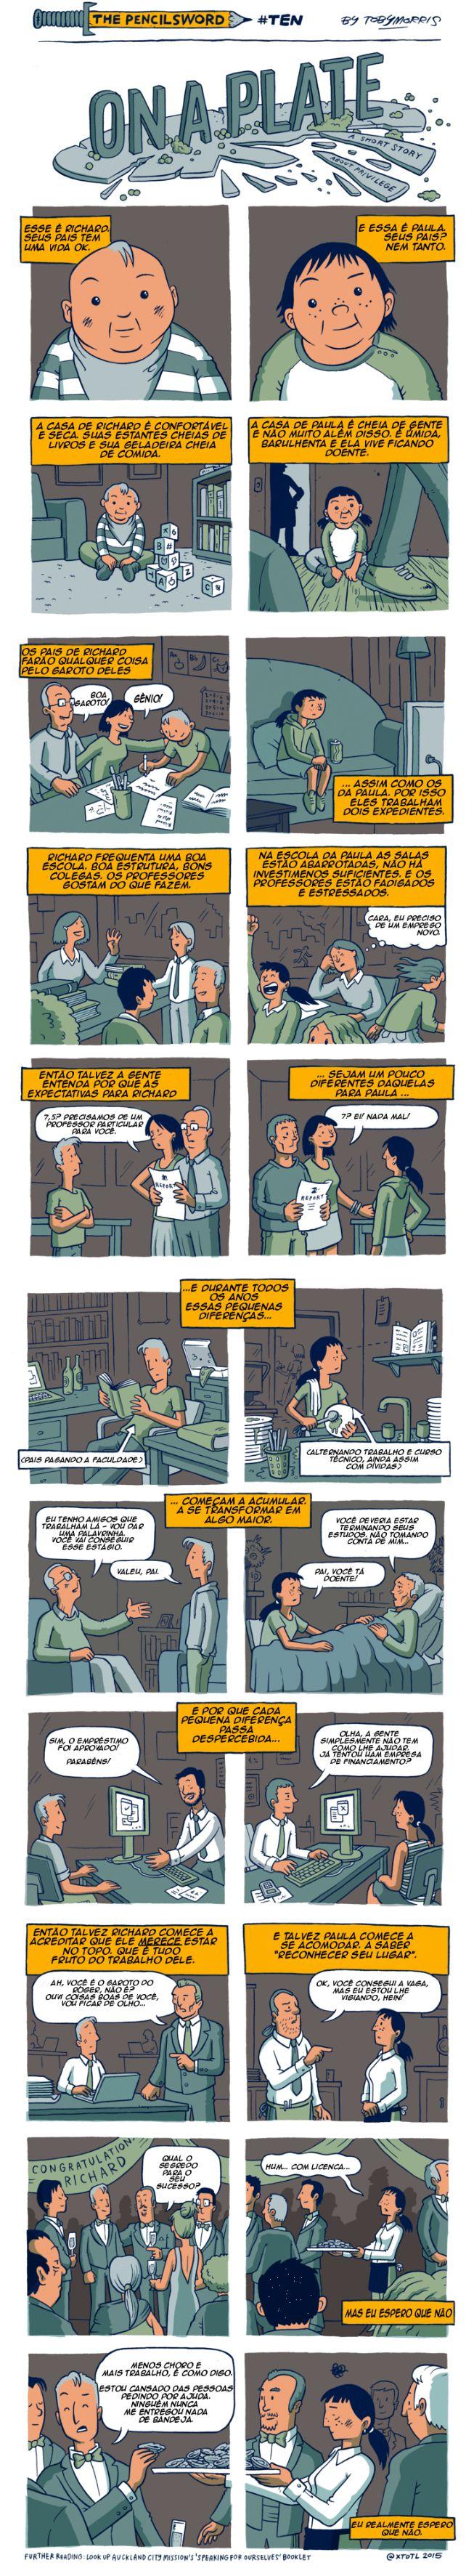 Uma reflexão sobre privilégios e oportunidades #quadrinhos #tirinha